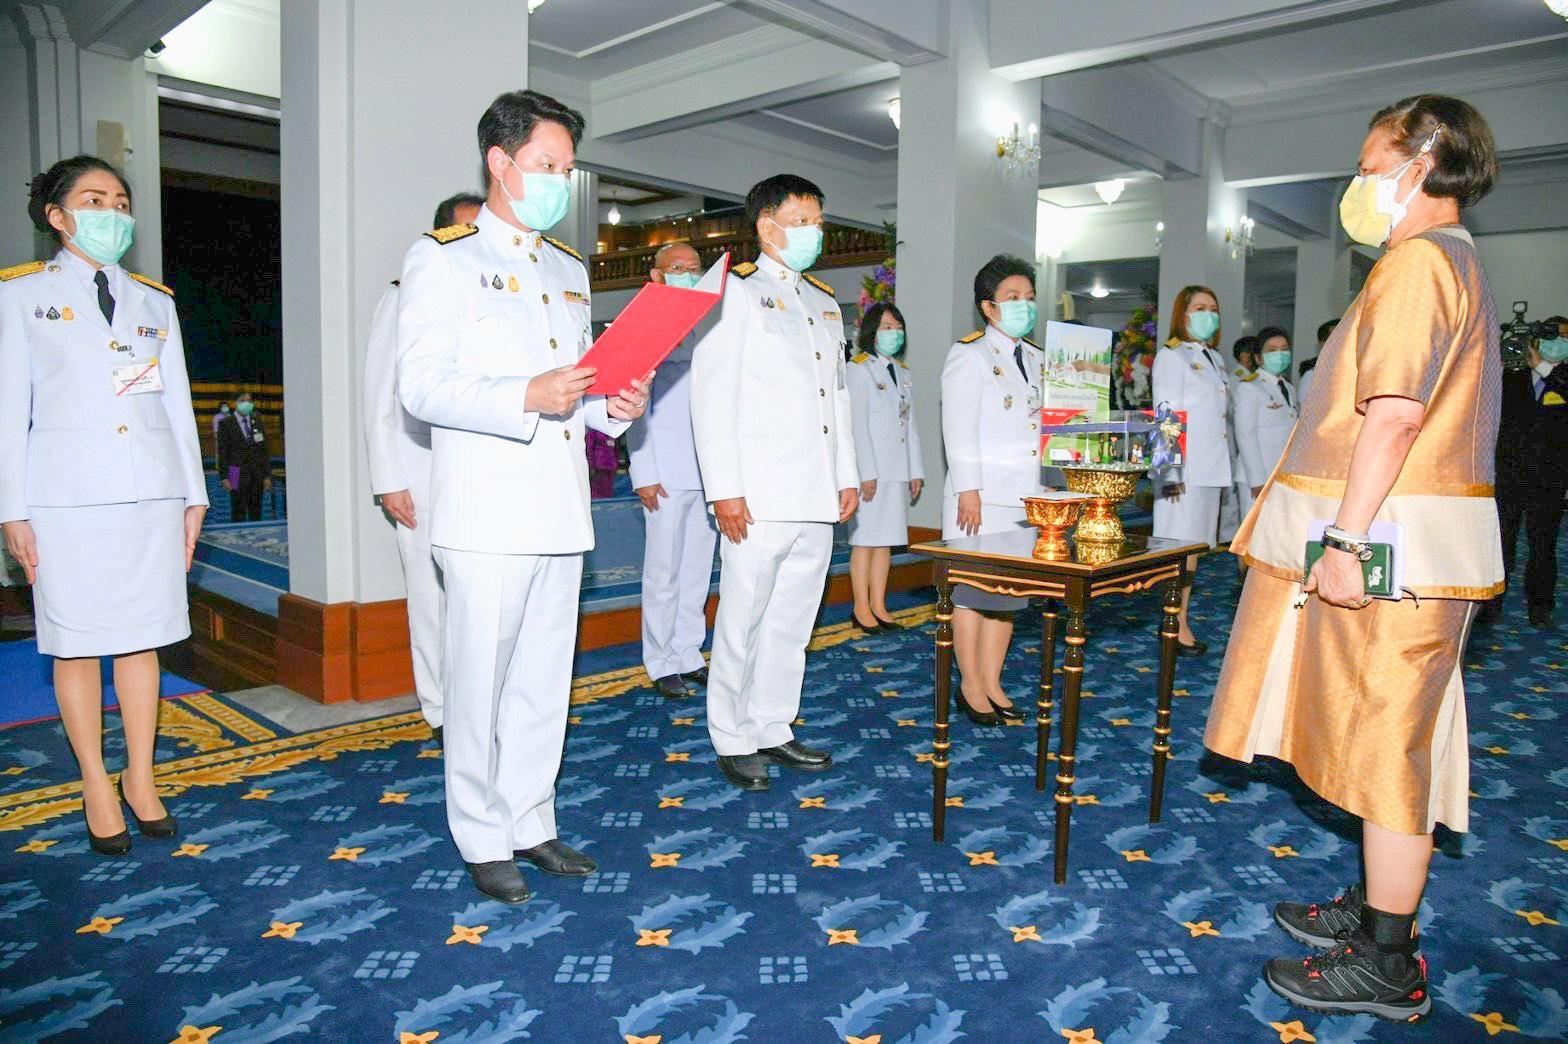 ไปรษณีย์ไทยทูลเกล้าฯ ถวายเงินสร้างอาคารเรียนโรงเรียนตำรวจตะเวนชายแดน จ.อุดรธานี